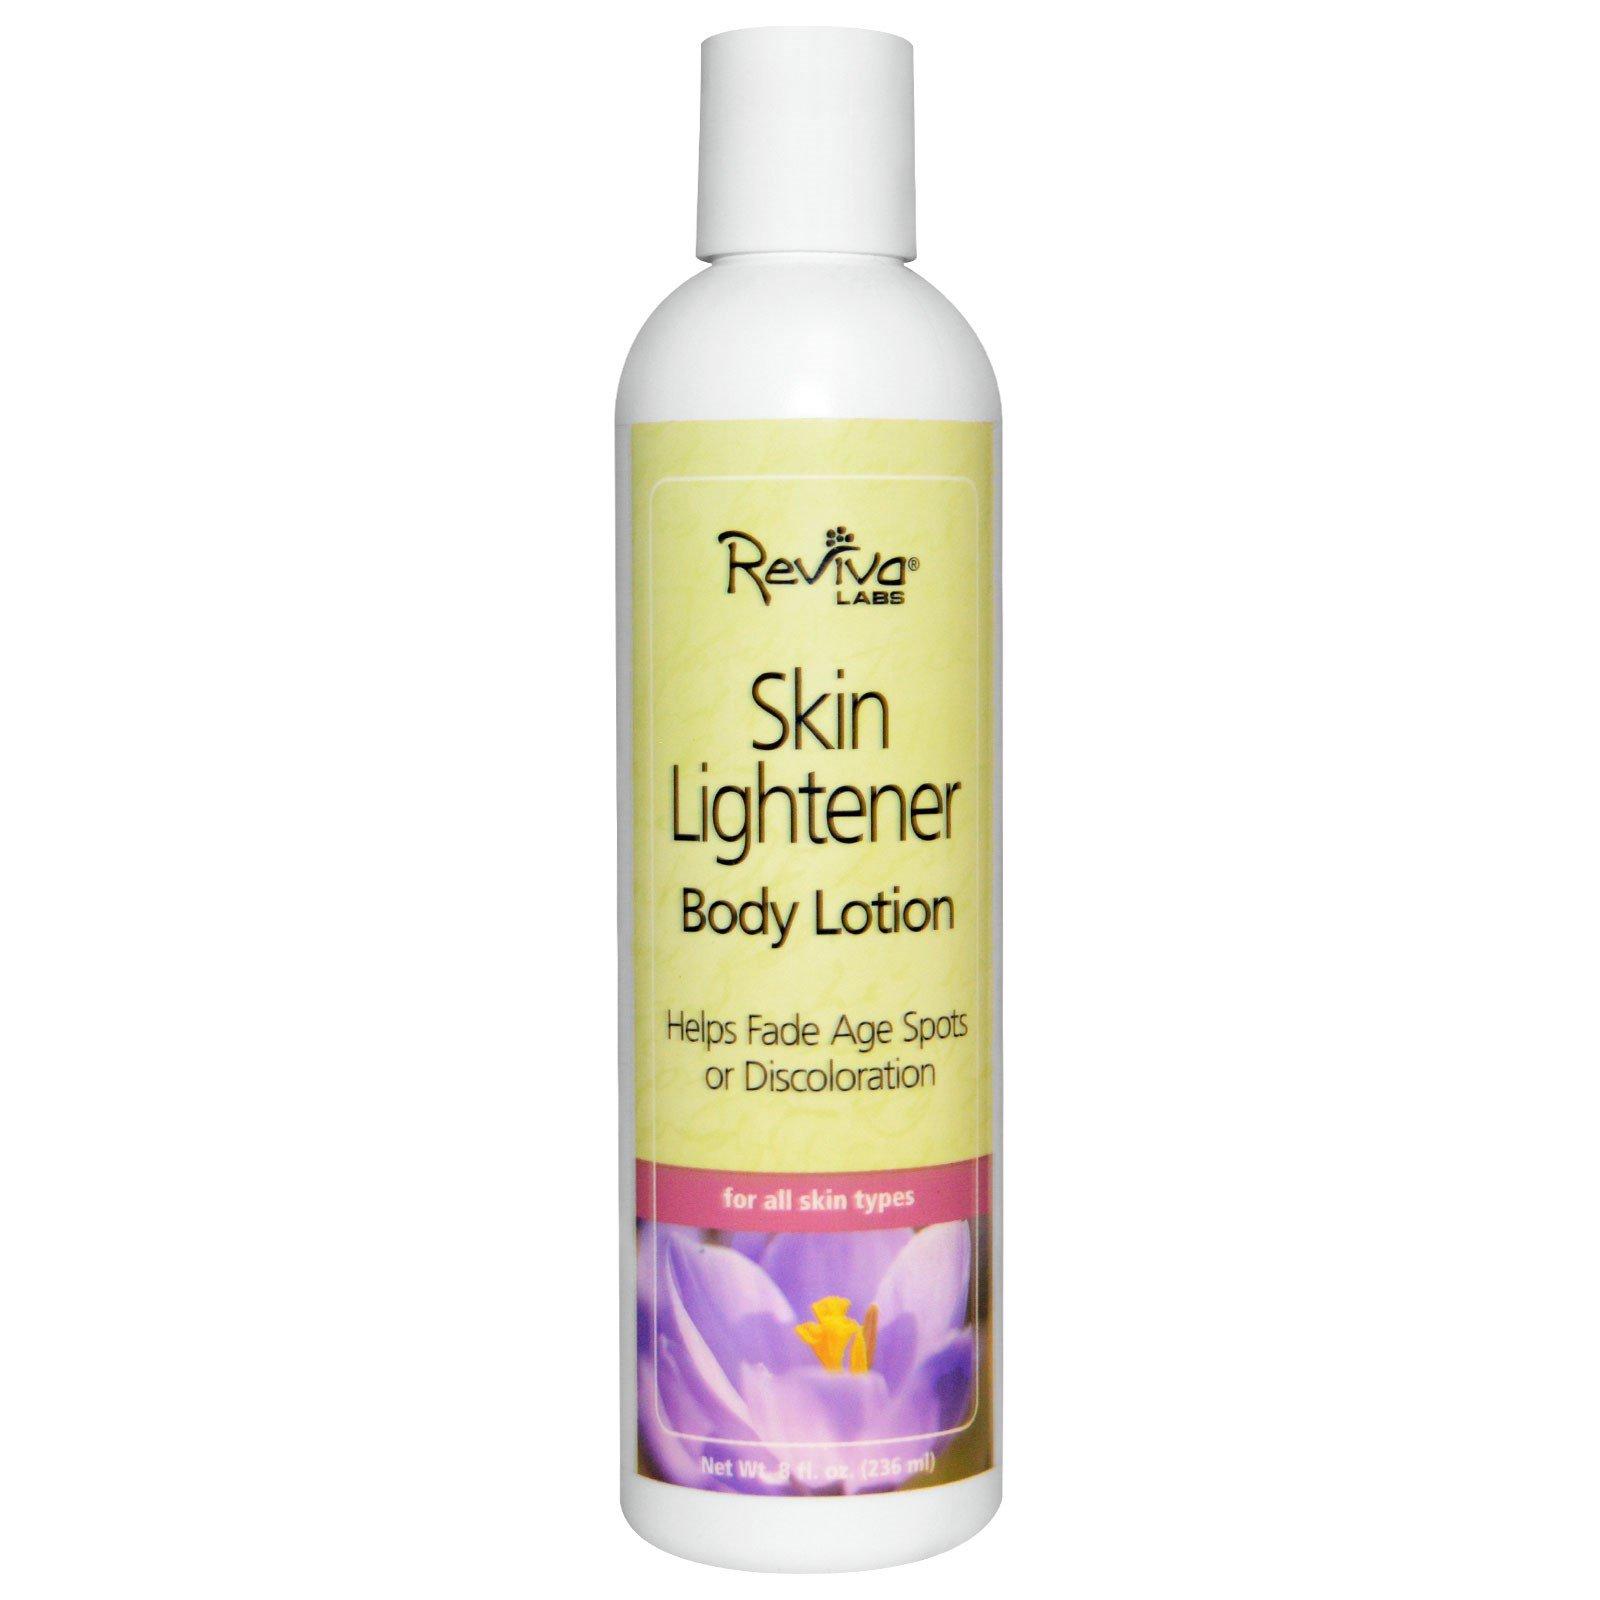 reviva labs skin lightener